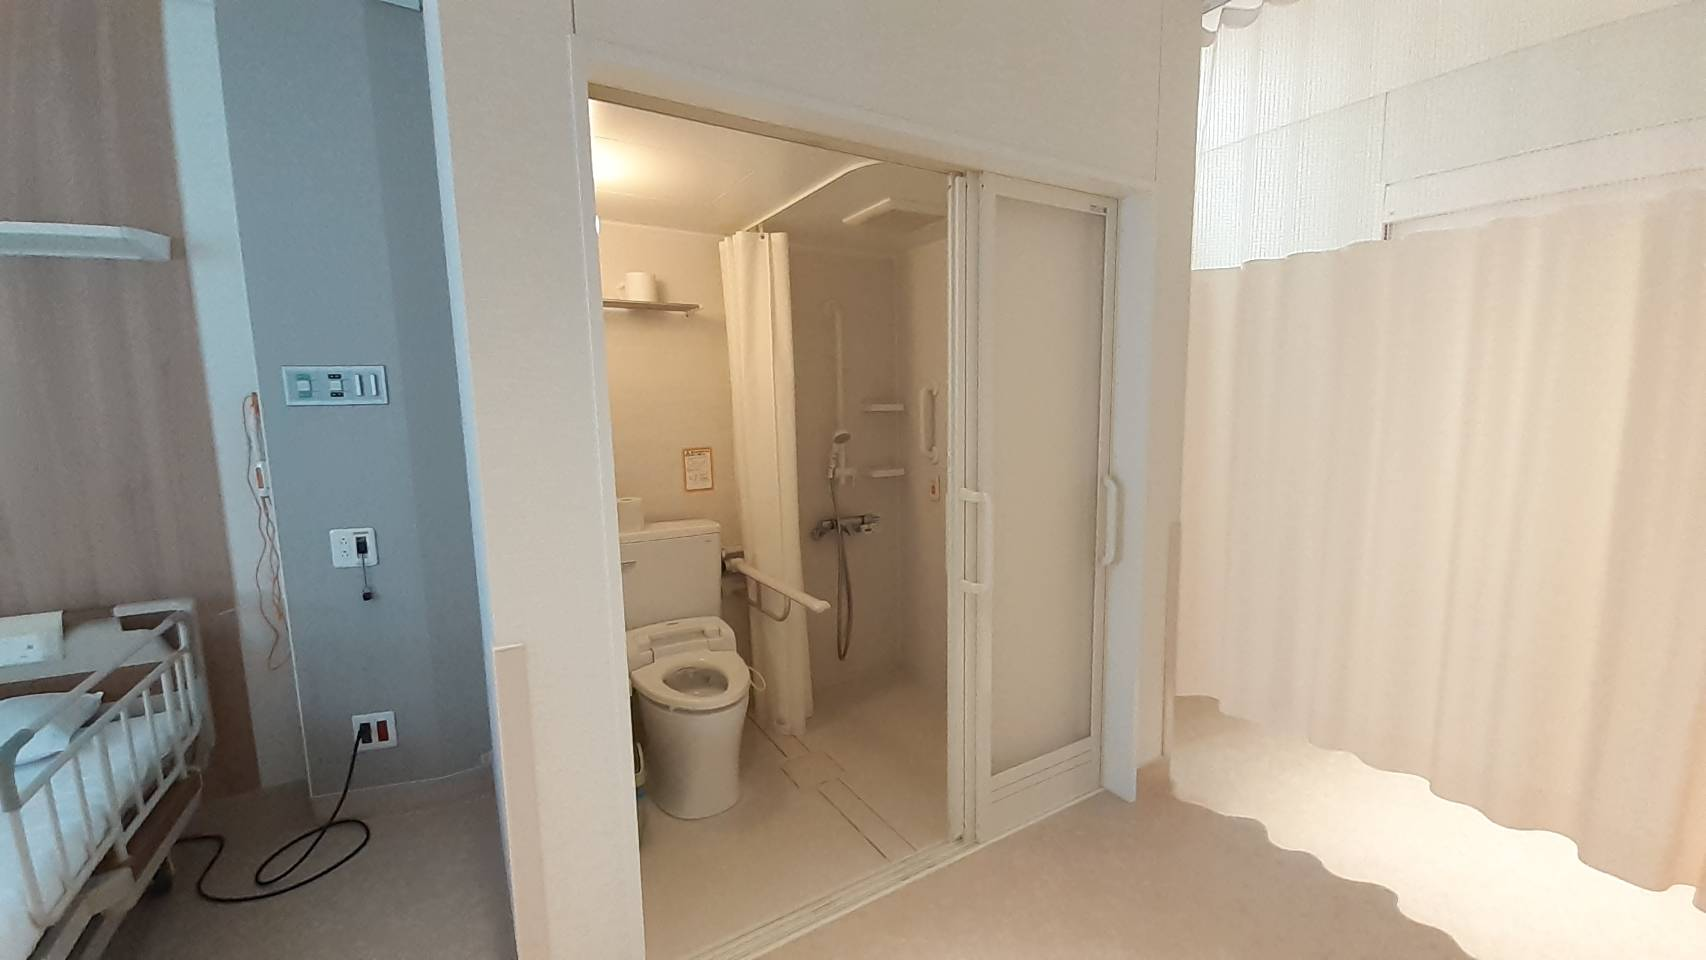 洗面台トイレシャワーつき